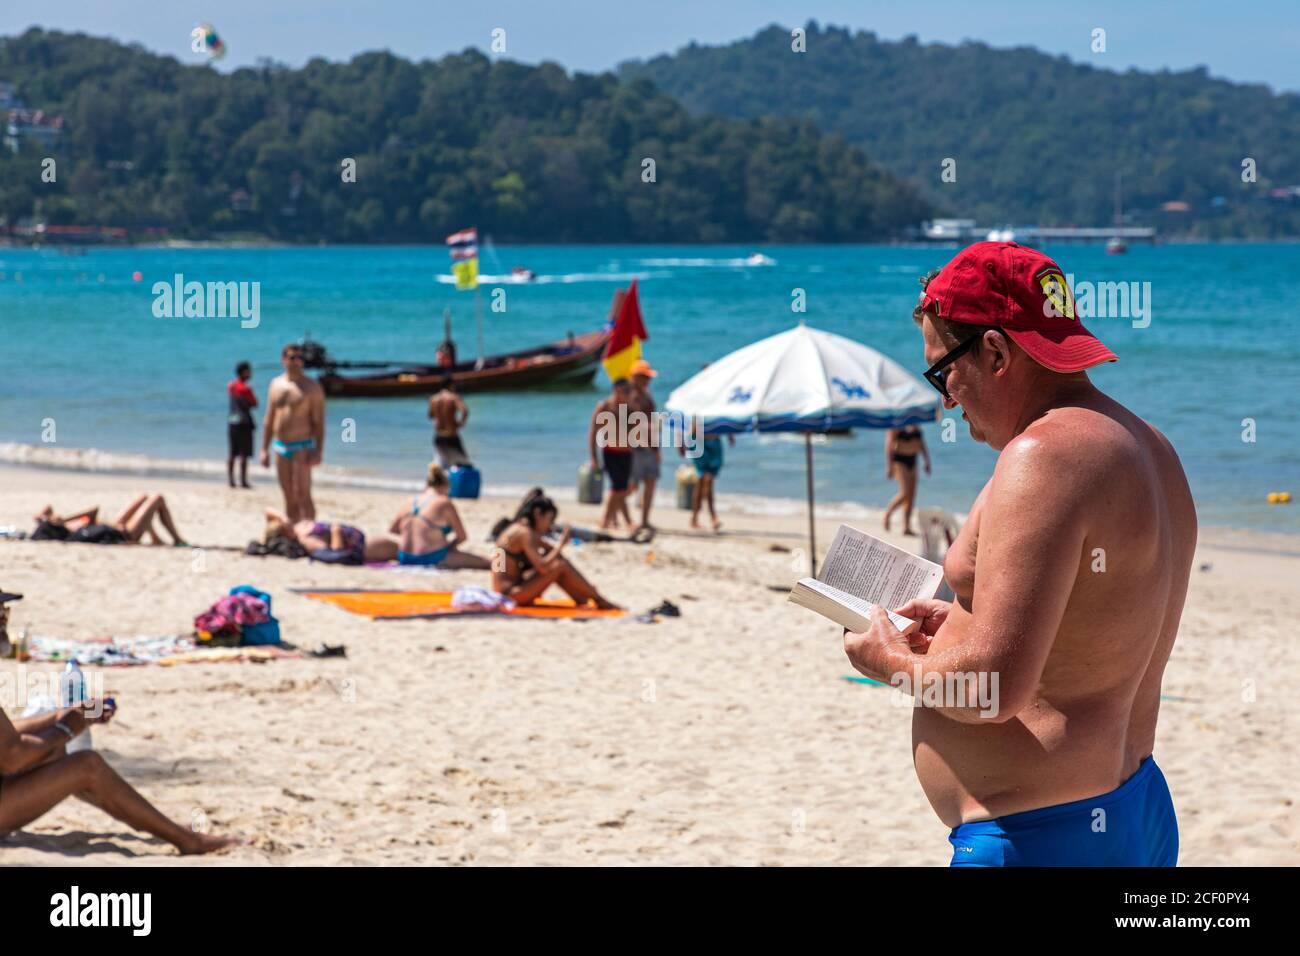 Touristes russes, lecture et bains de soleil se tenant sur la plage de Patong, Phuket, Thaïlande Banque D'Images